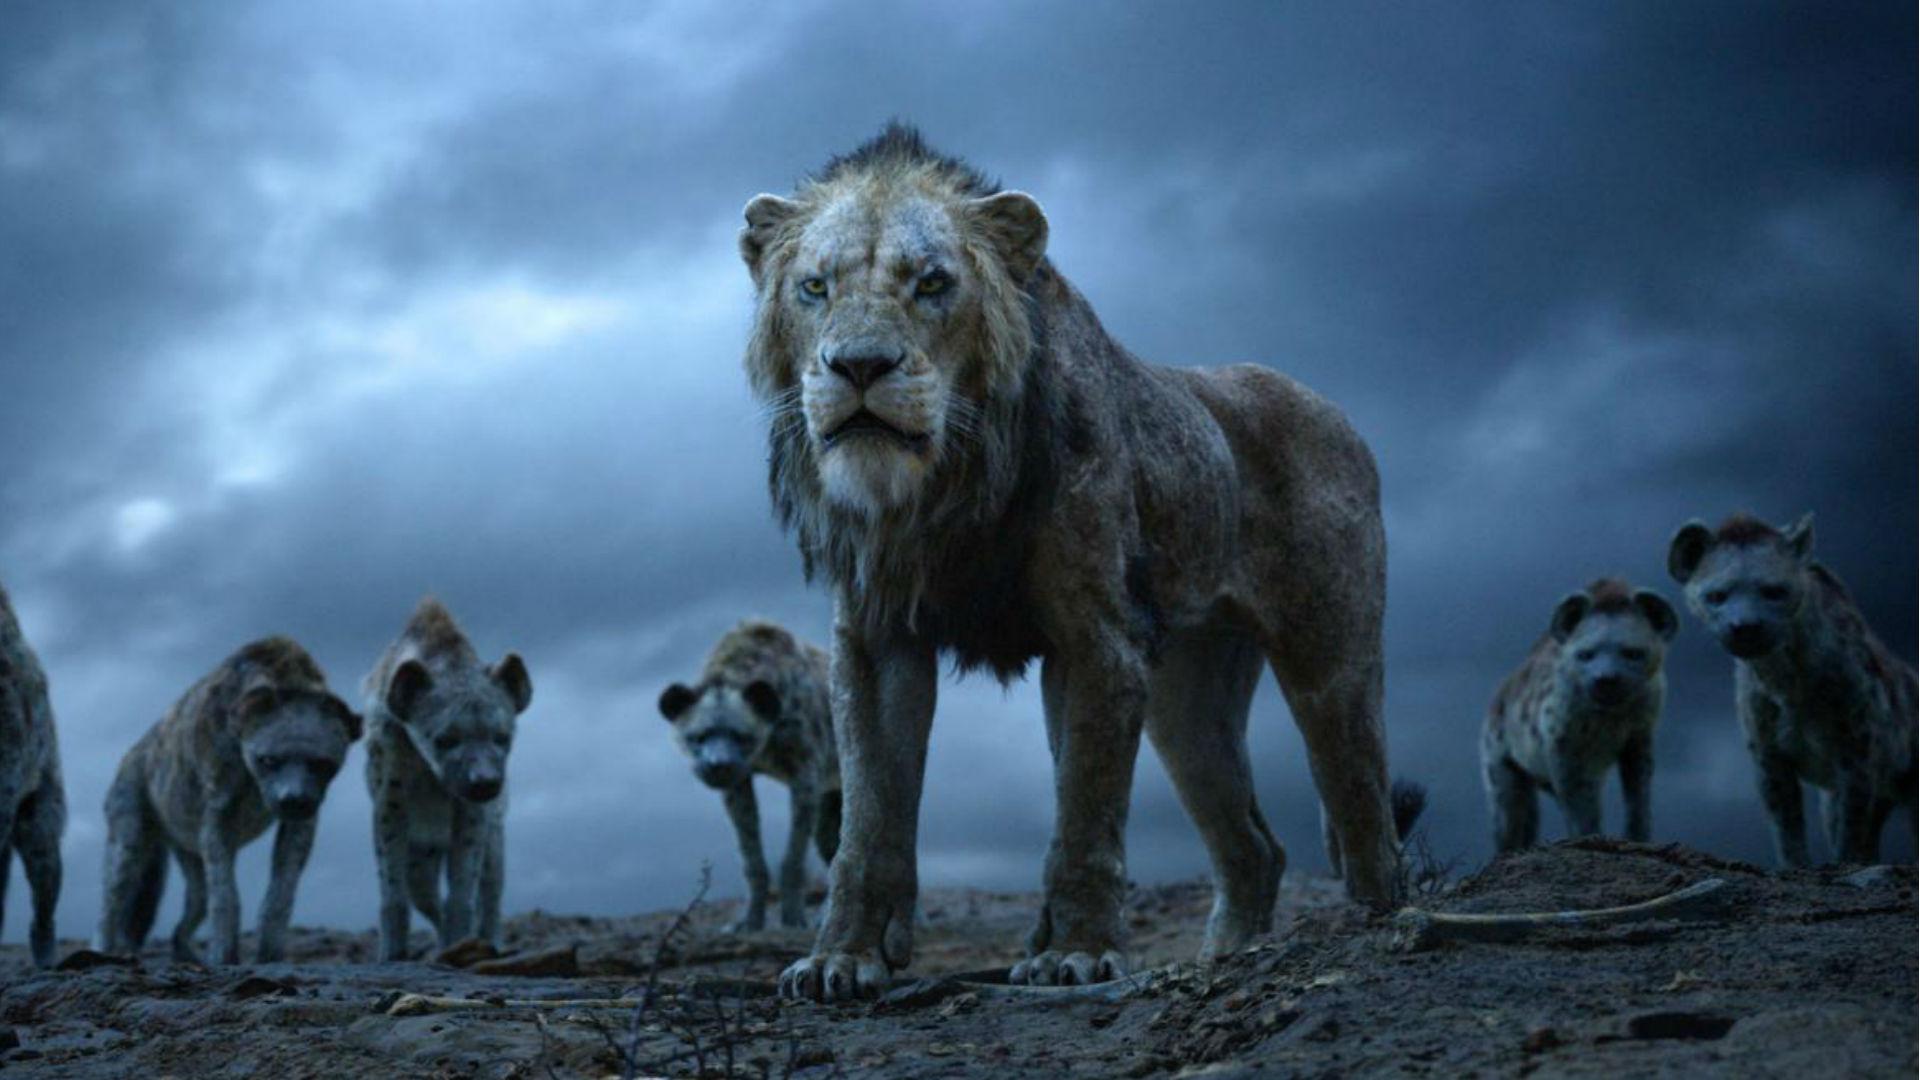 The Lion King Movie Box Office: इस रिकॉर्ड को बनाने वाली पहली नॉन-एवेंजर्स फिल्म बनी द लॉयन किंग